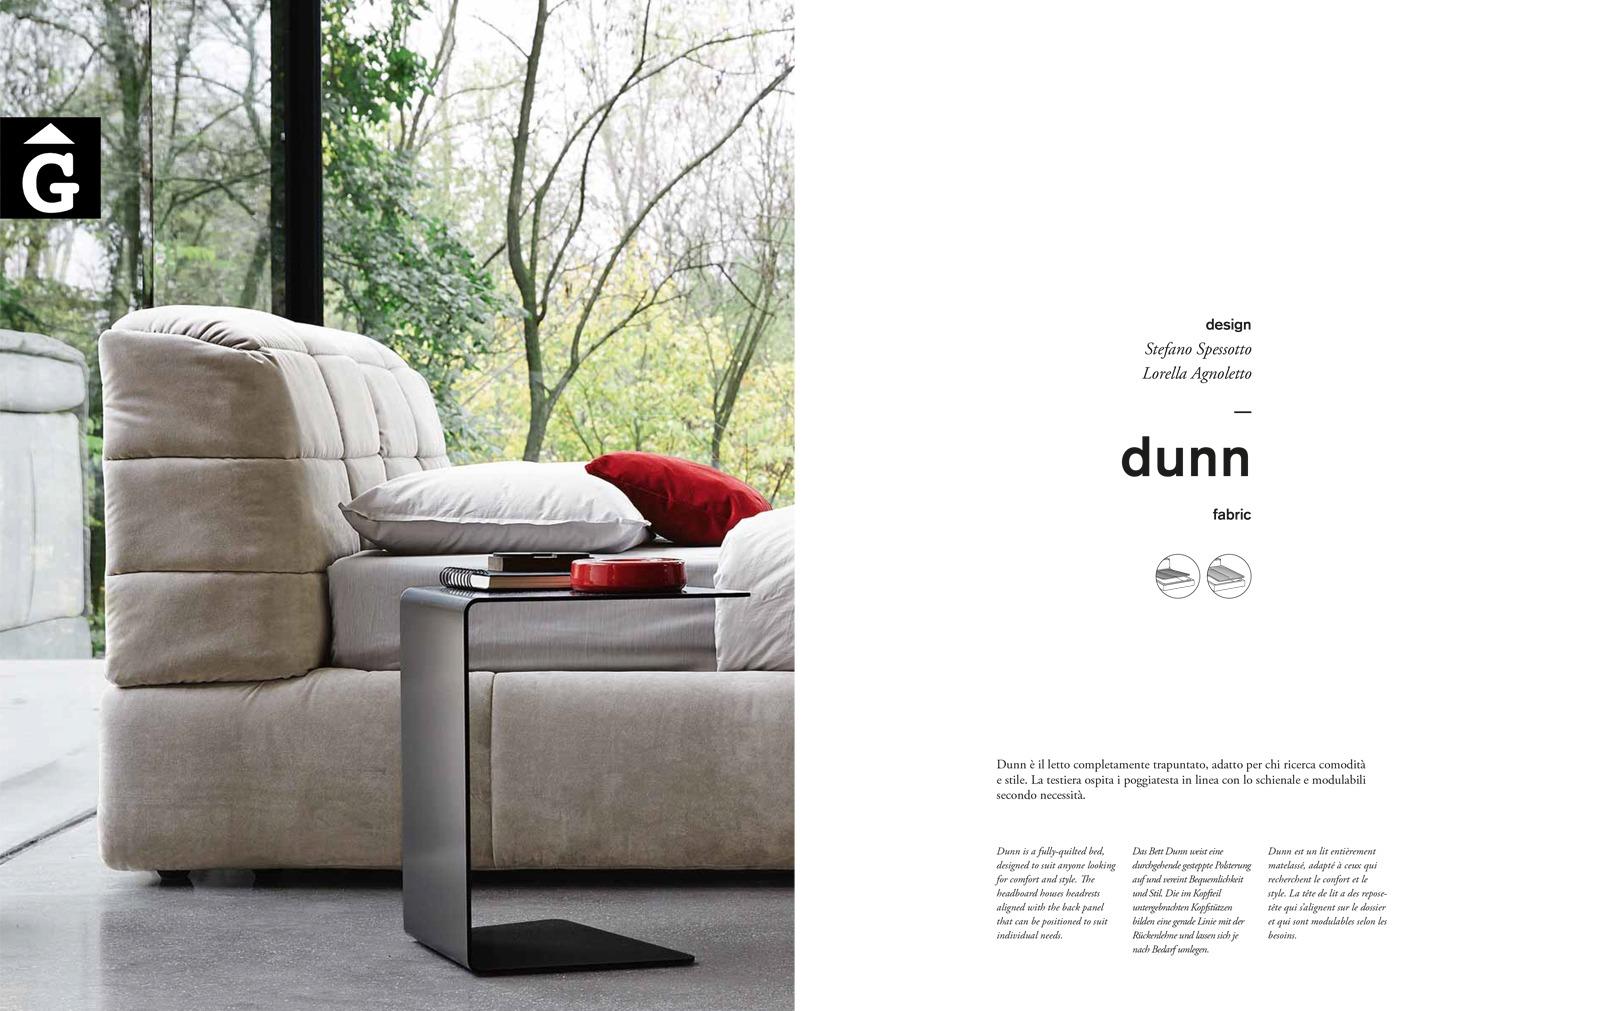 Dunn llit gran entapissat Titol – Ditre Italia llits entapissats disseny i qualitat alta by mobles Gifreu